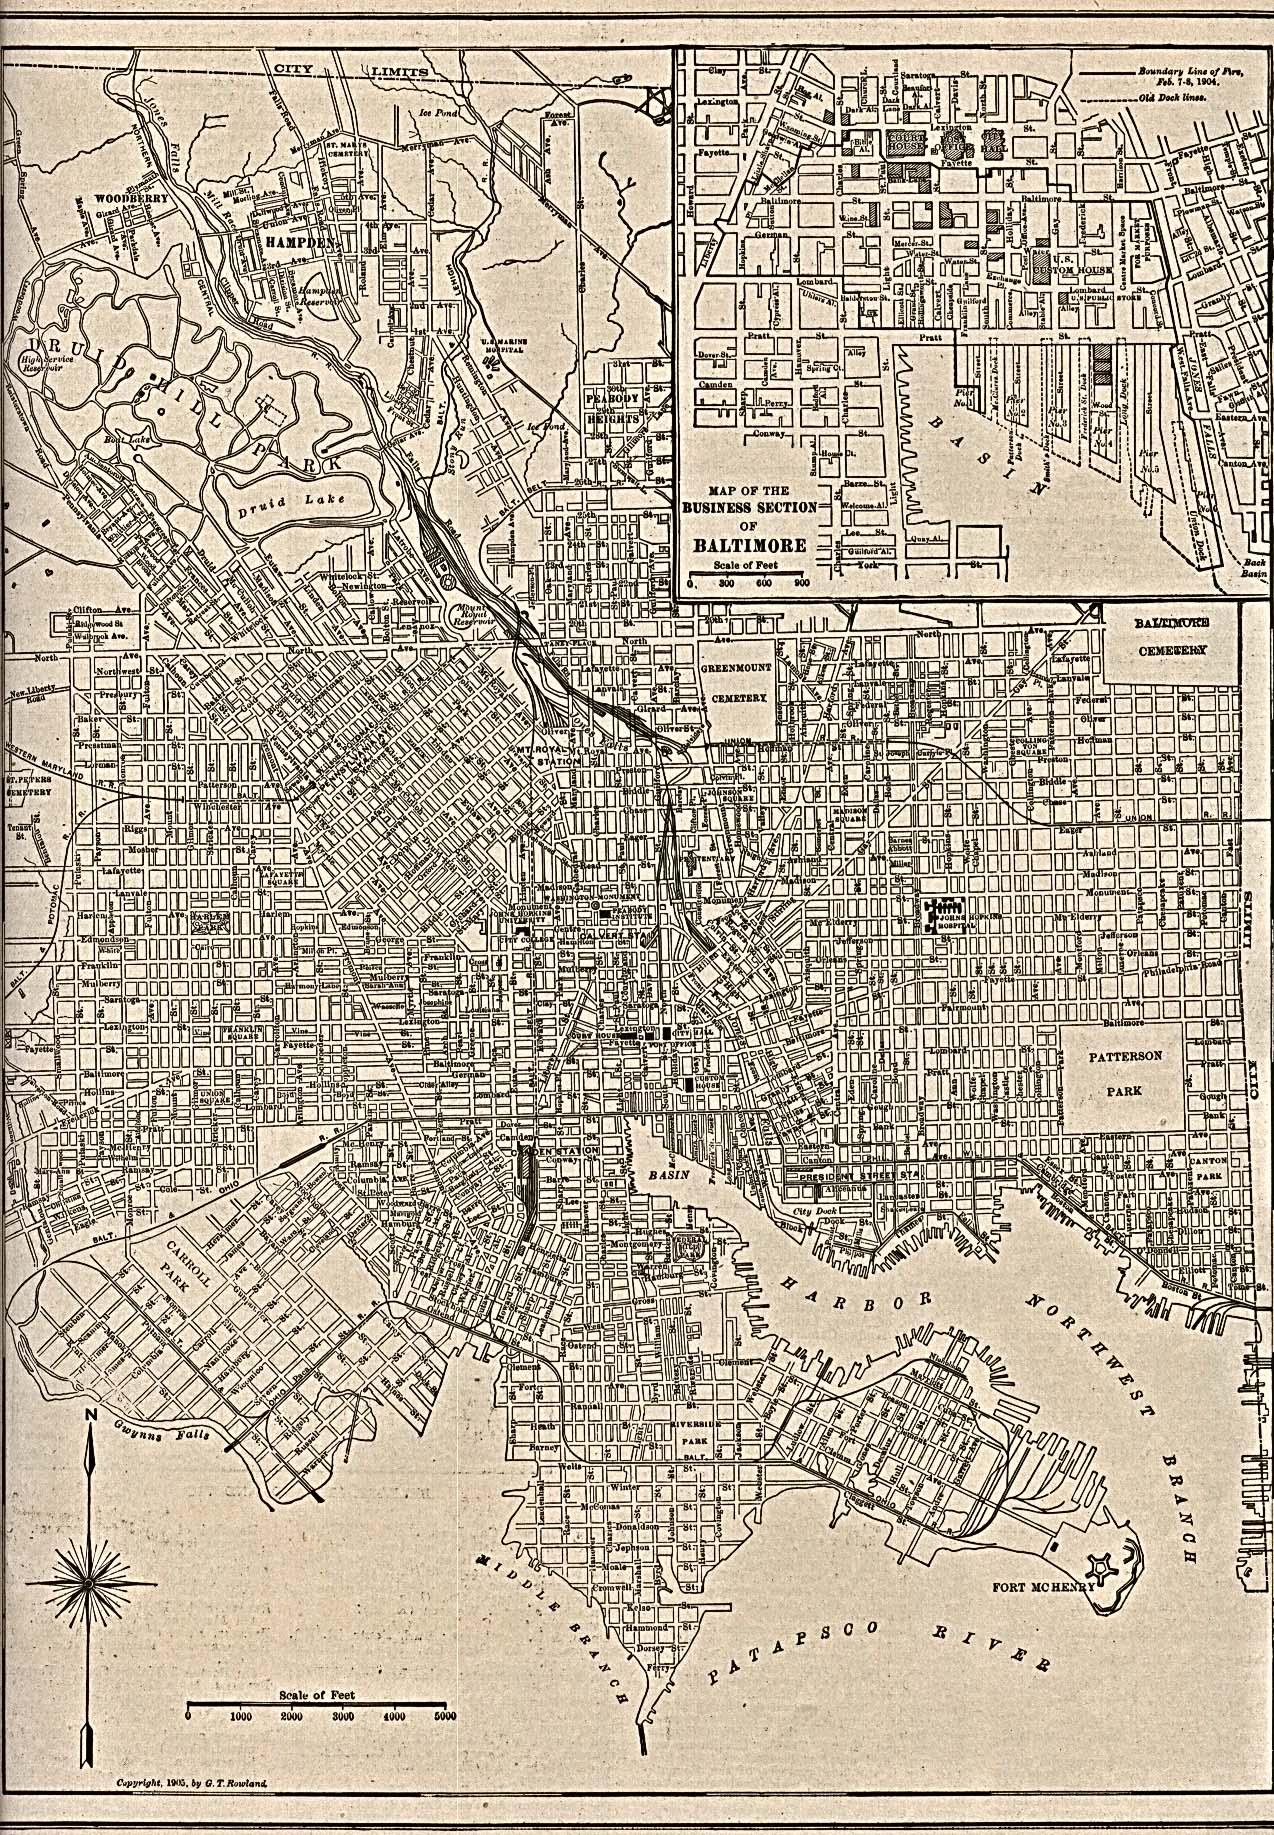 Mapa de la Ciudad de Baltimore, Maryland, Estados Unidos 1905